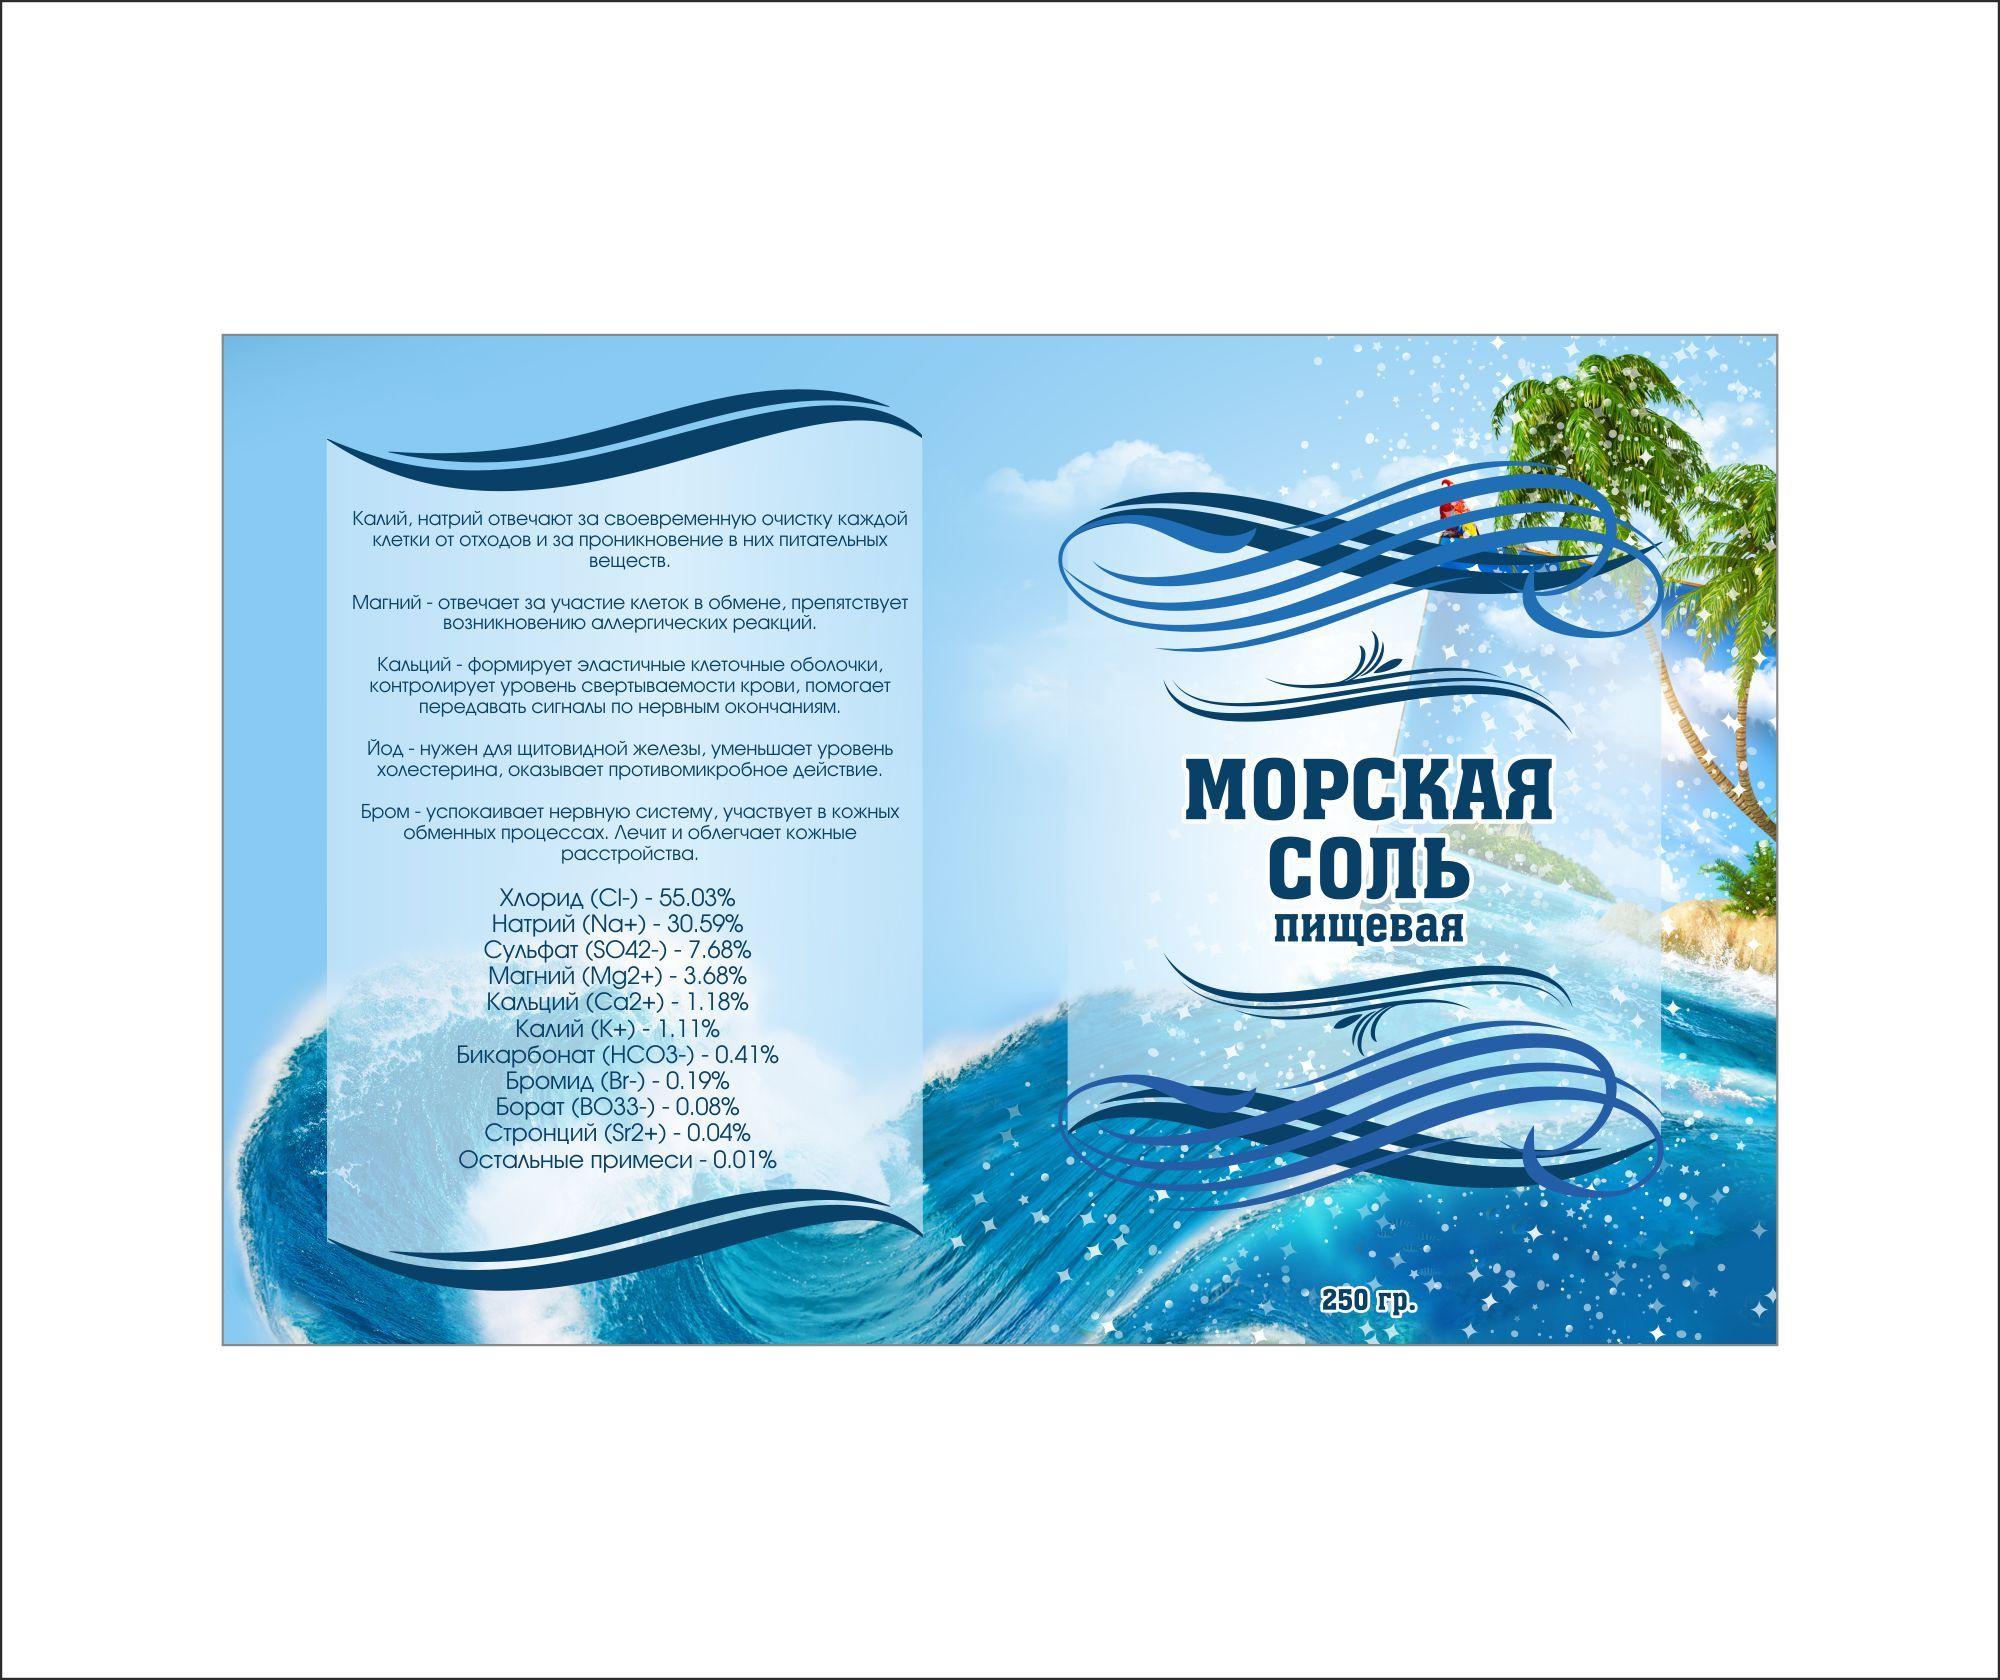 Дизайн этикетки для соли пищевой морской  - дизайнер darkbluecat